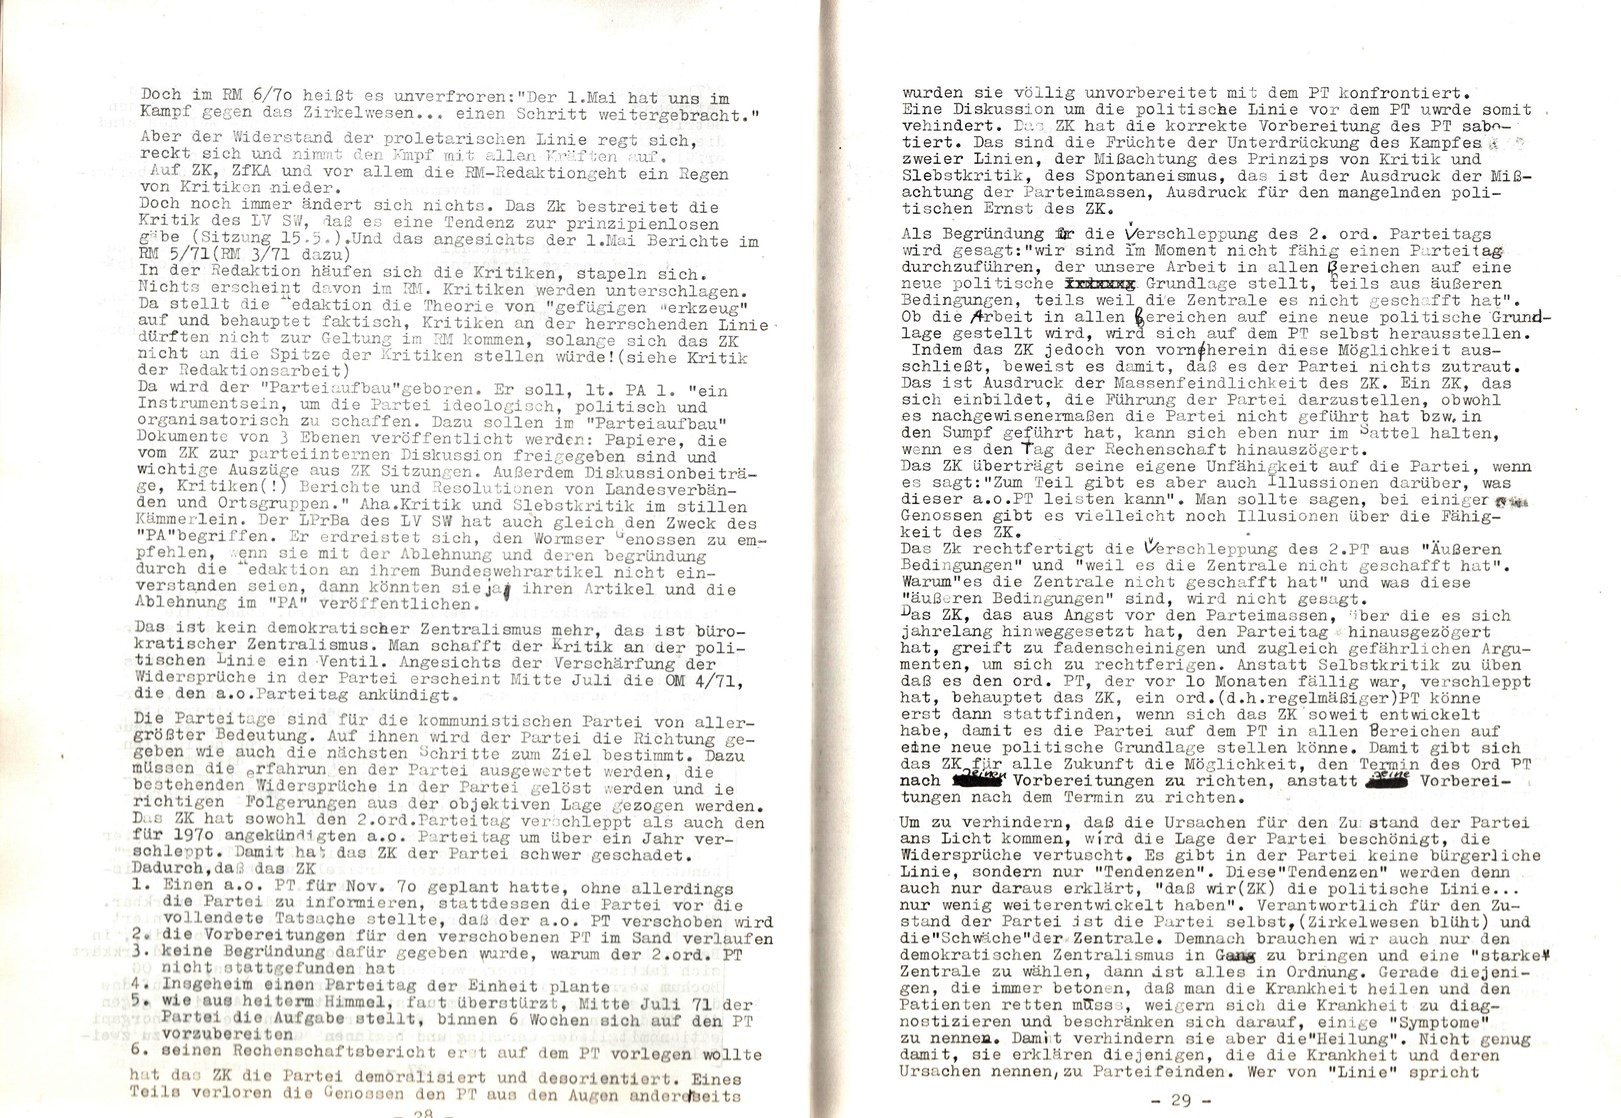 KPDML_1971_Analysen_und_Antraege_des_LV_Sued_West_020